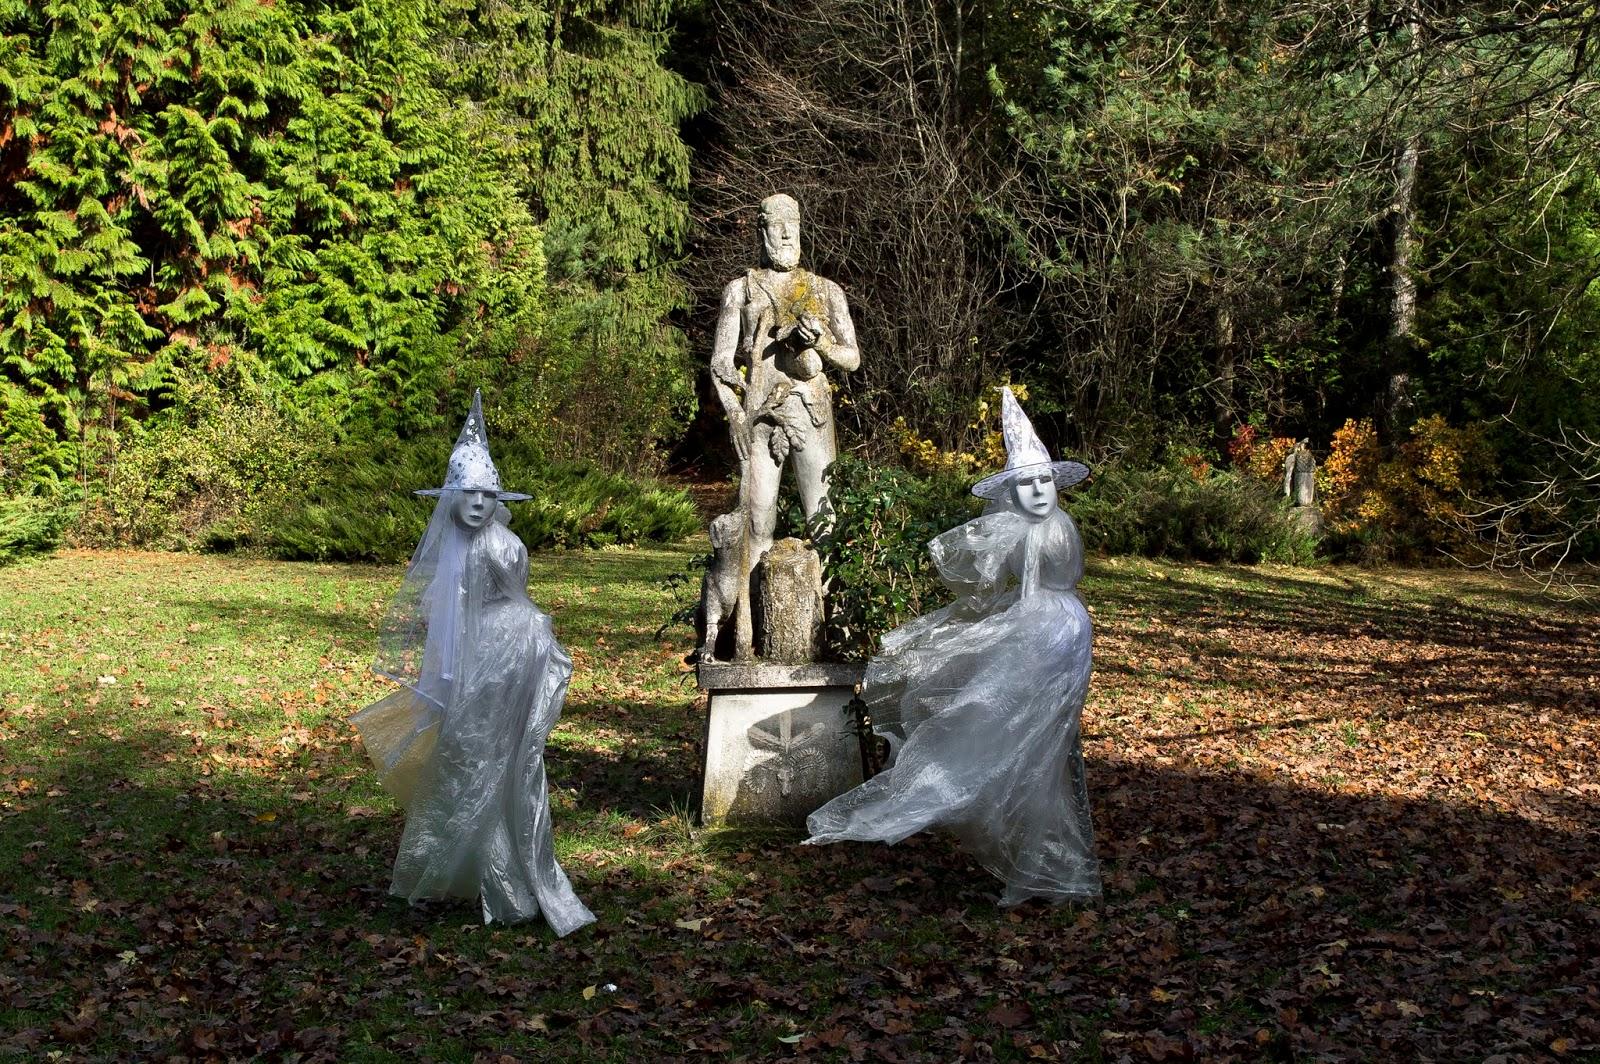 Szellemjárás a Budakeszi Erdészeti Arborétumban